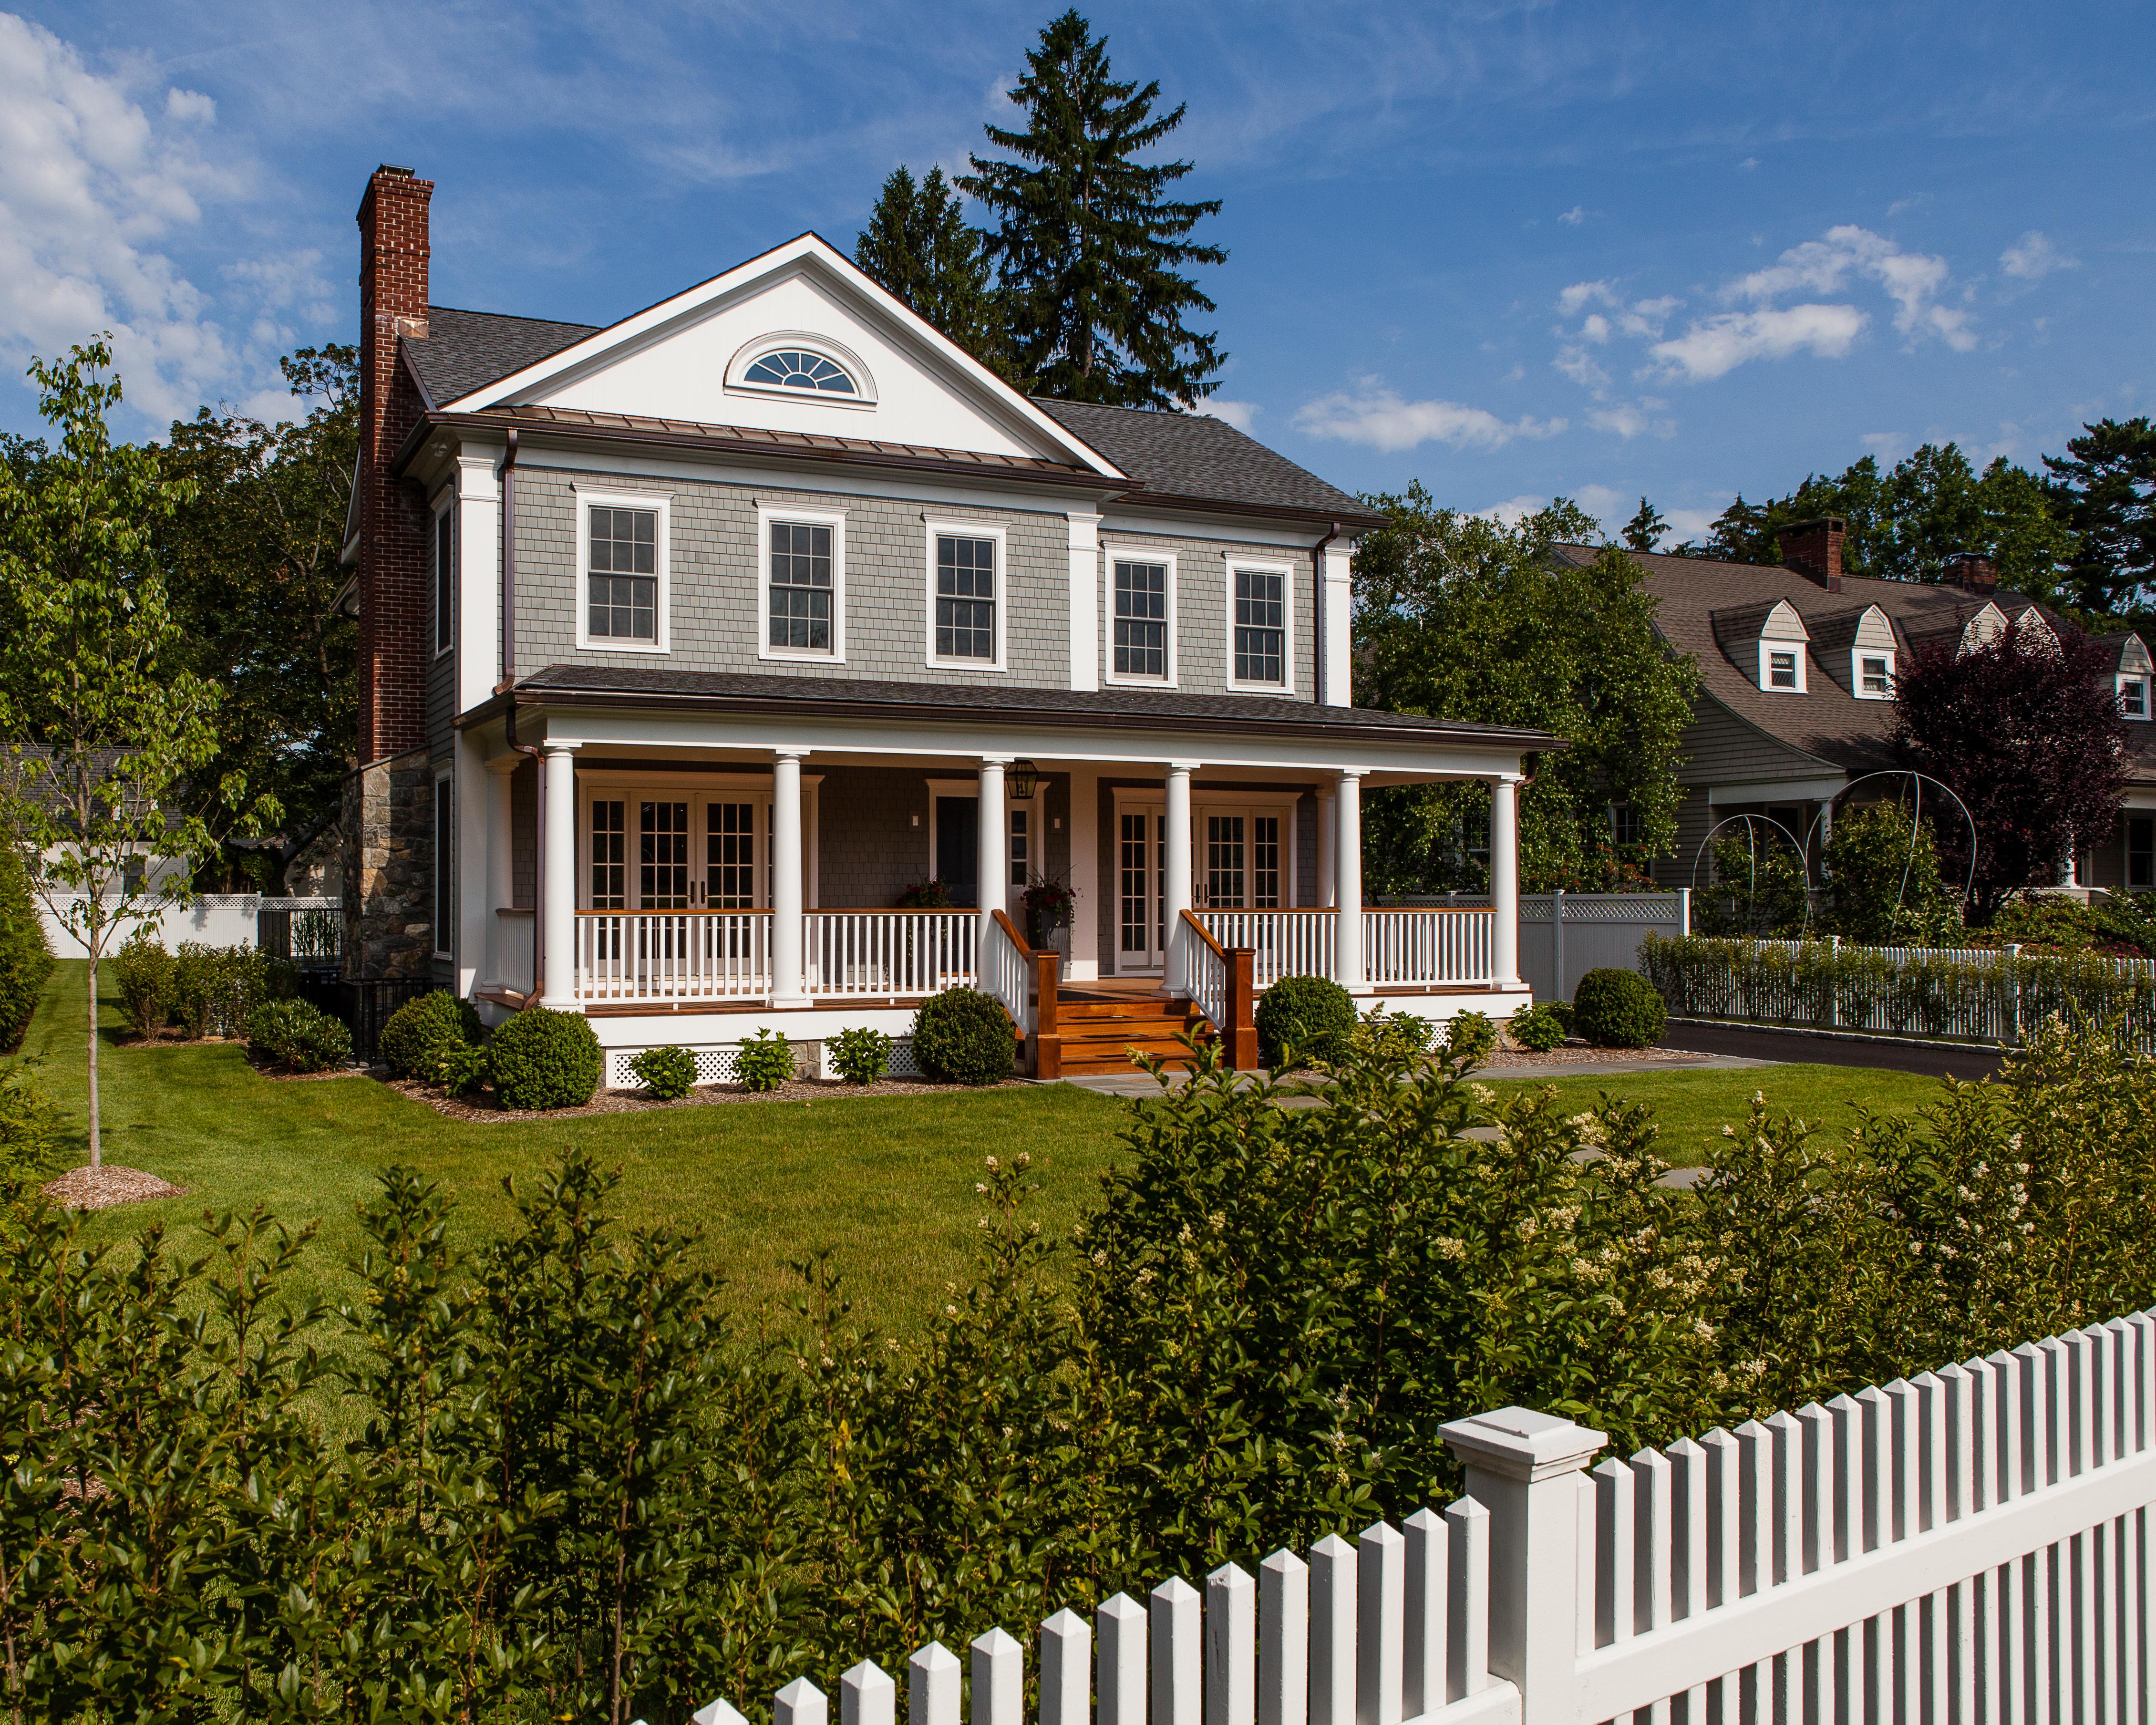 一戸建て のために 売買 アット New home by esteemed Kells Construction 300 Milton Road Rye, ニューヨーク, 10580 アメリカ合衆国